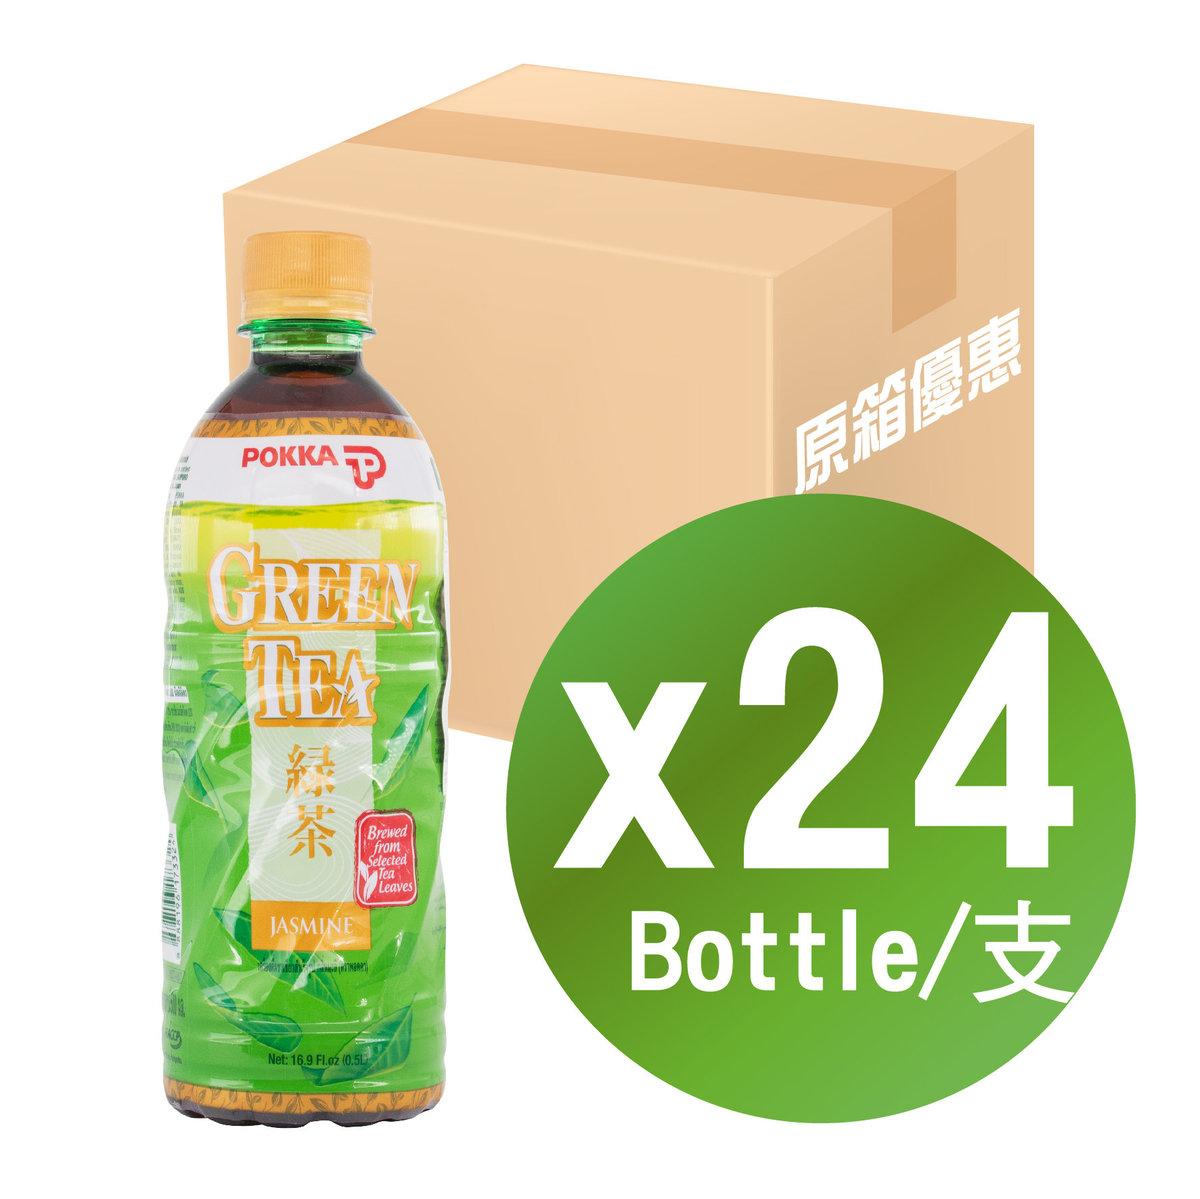 Jasmine Green Tea (500ml x 24 Bottles)